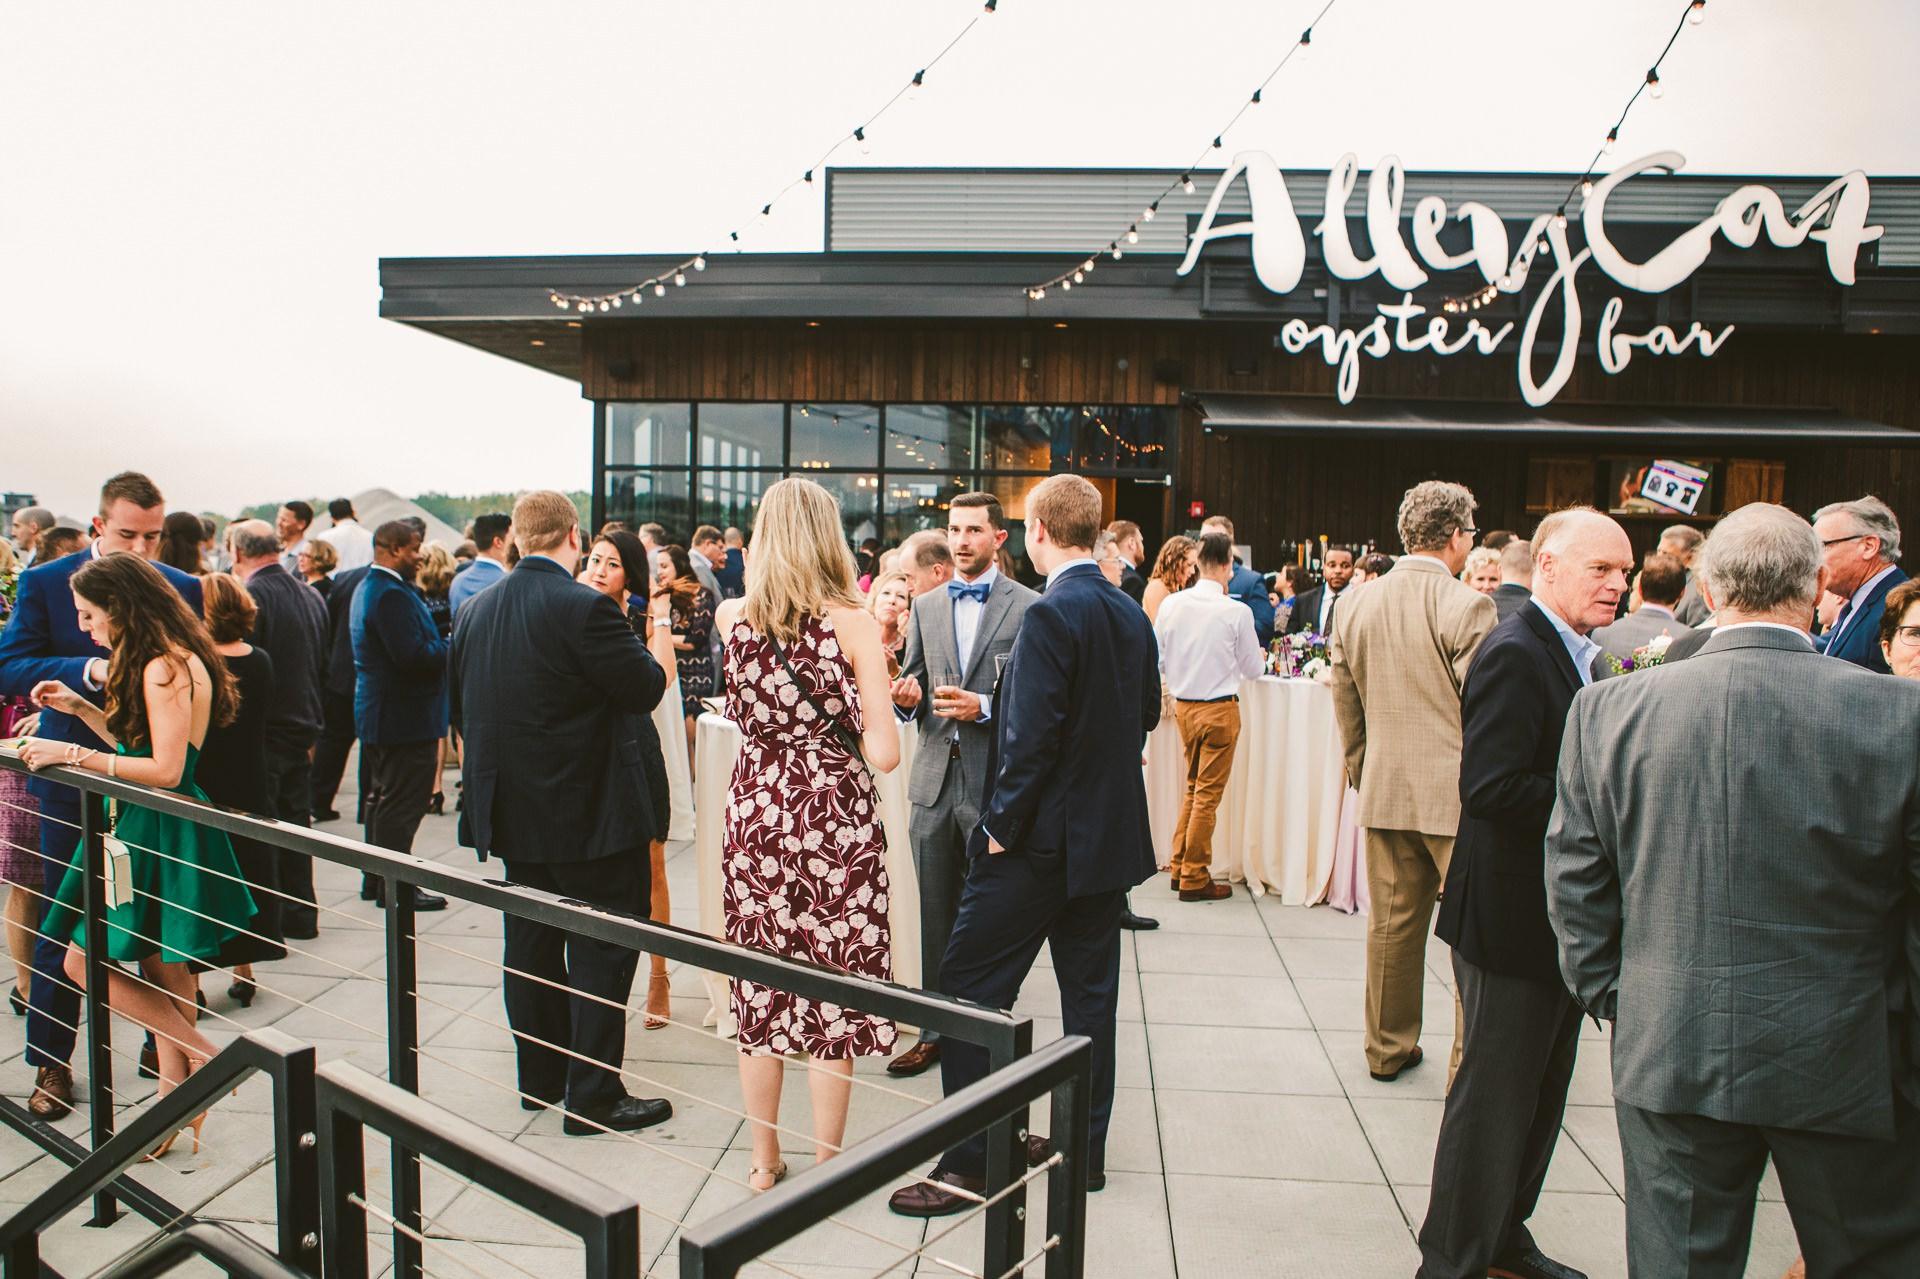 Aloft Hotel Alley Cat Oyster Bar Wedding in Cleveland 53.jpg